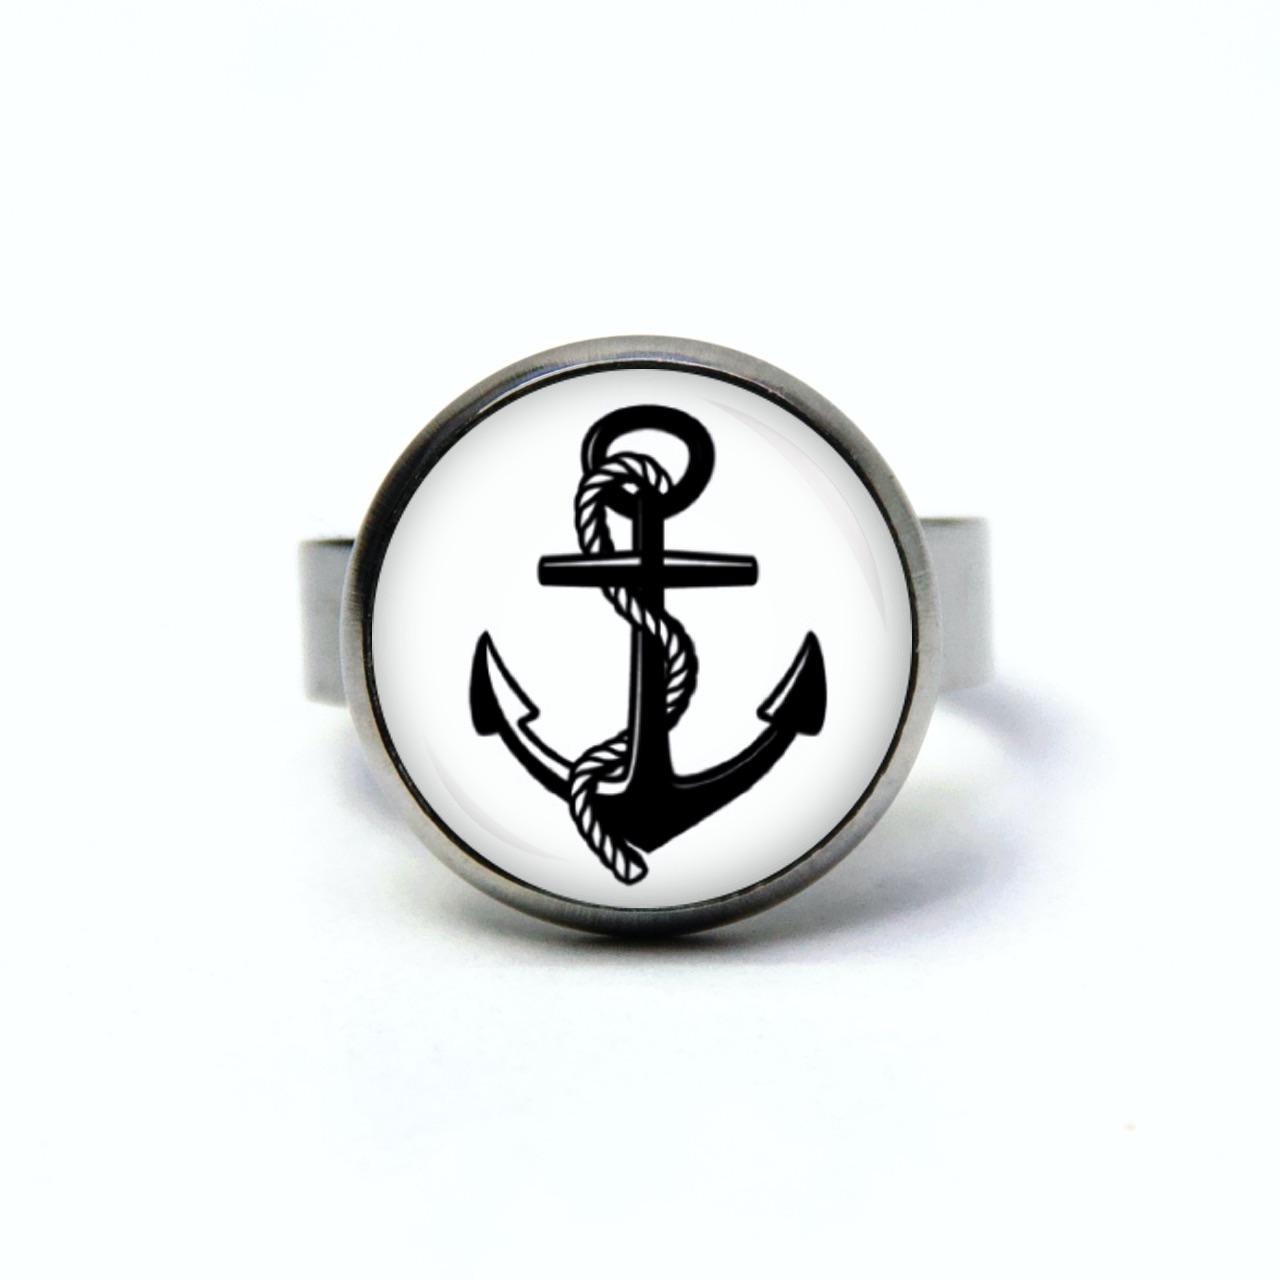 Edelstahl Ring maritim schwarzer Anker - verschiedene Größen